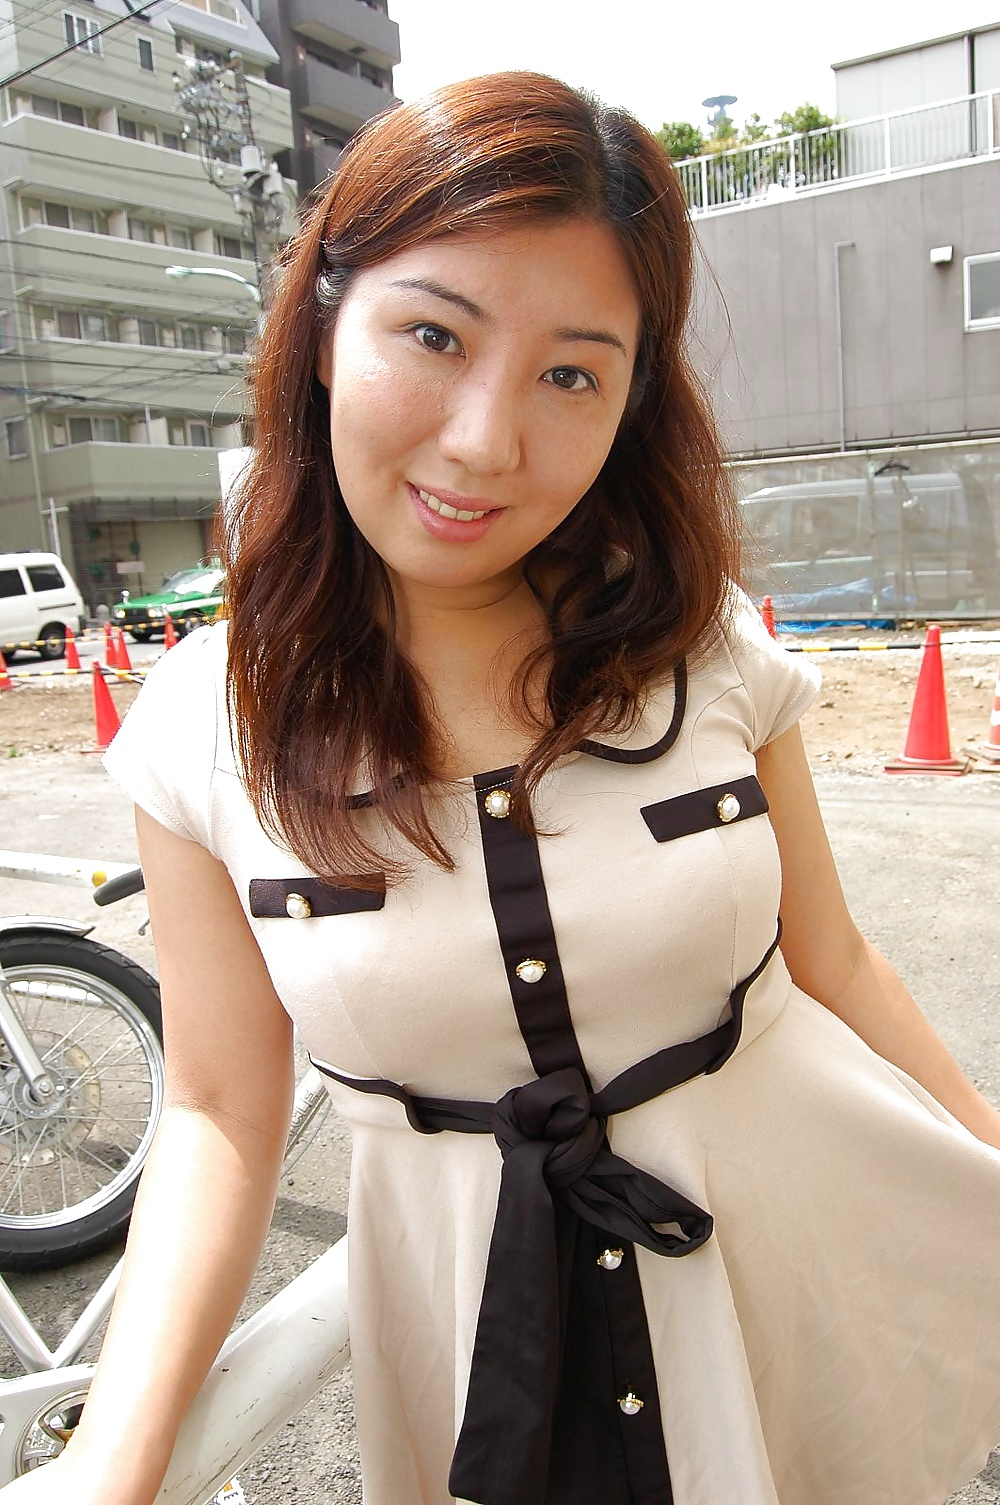 Japanese footjob videos